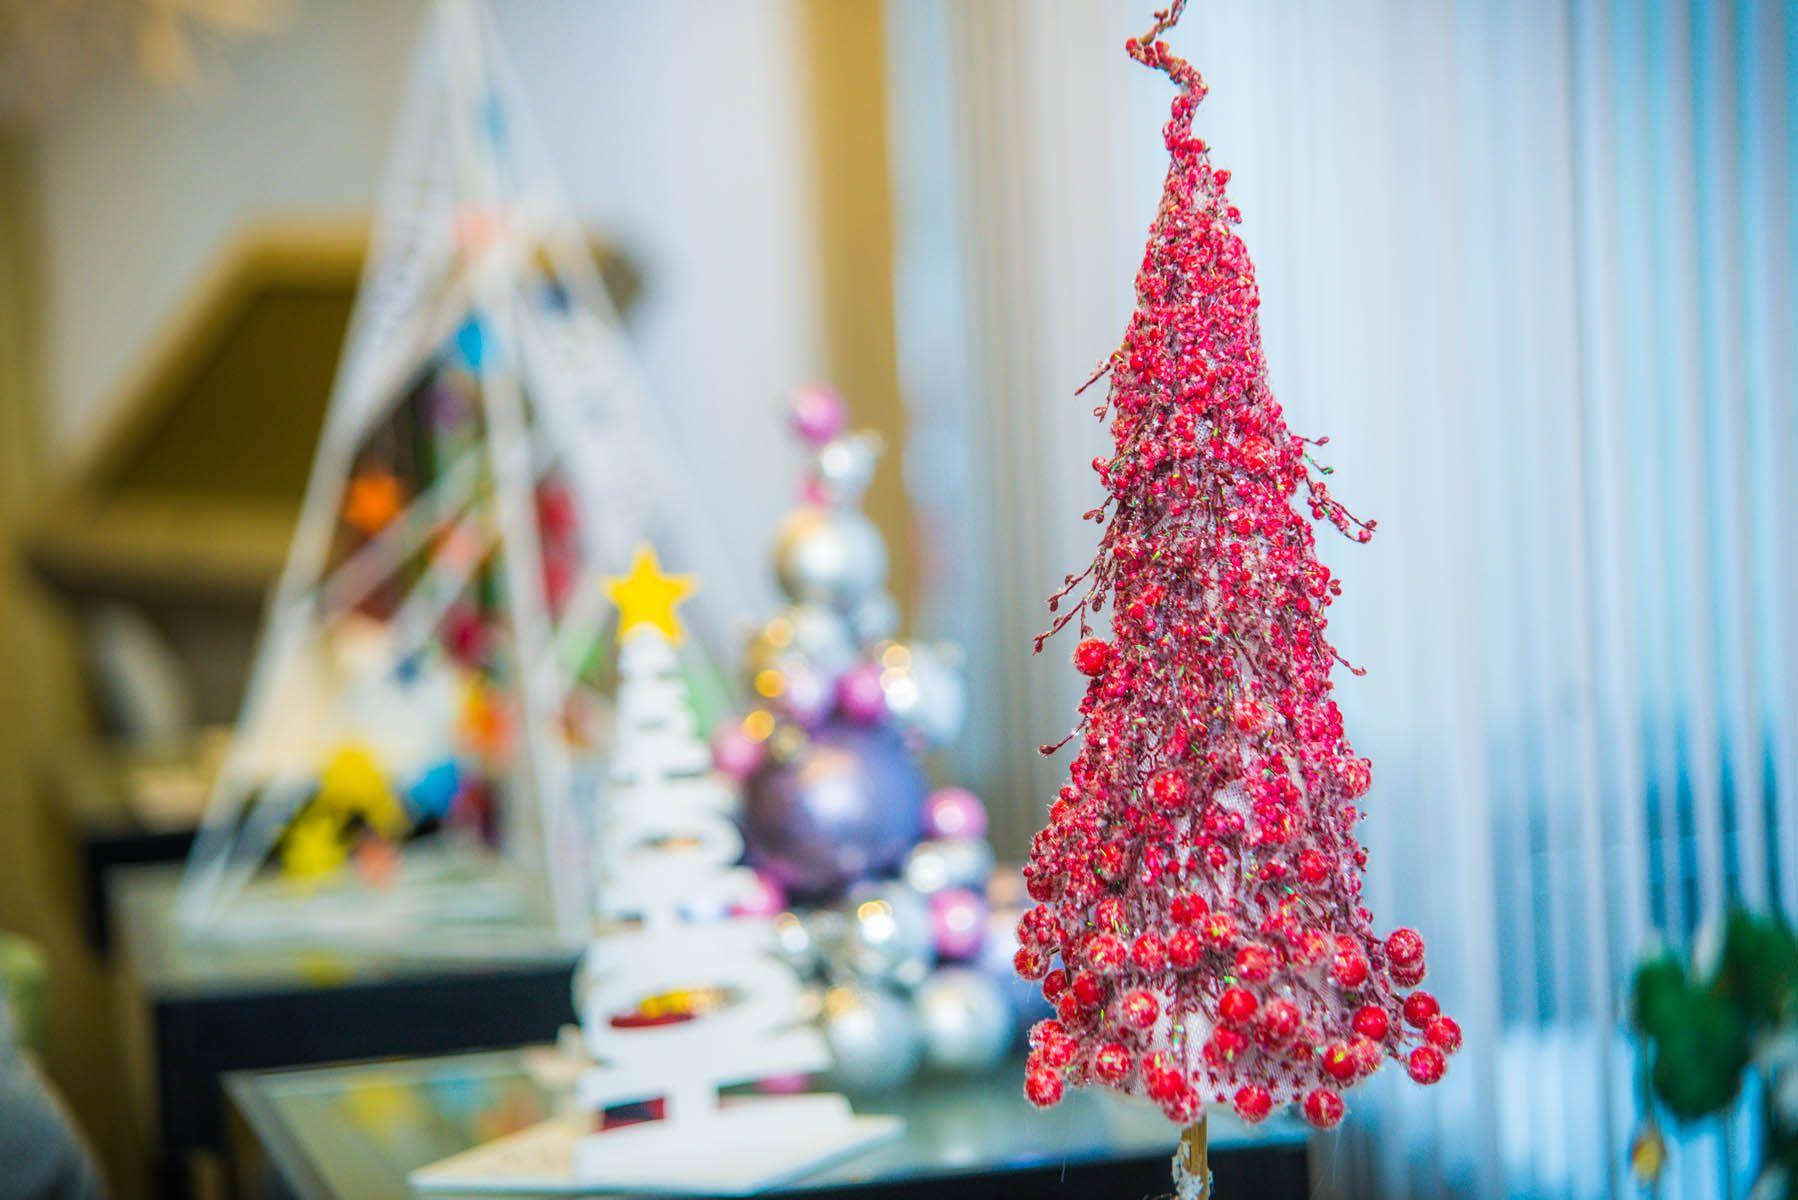 Вместе с выставкой «ЭКО-Ёлка» во ВГУЭС пришло новогоднее настроение